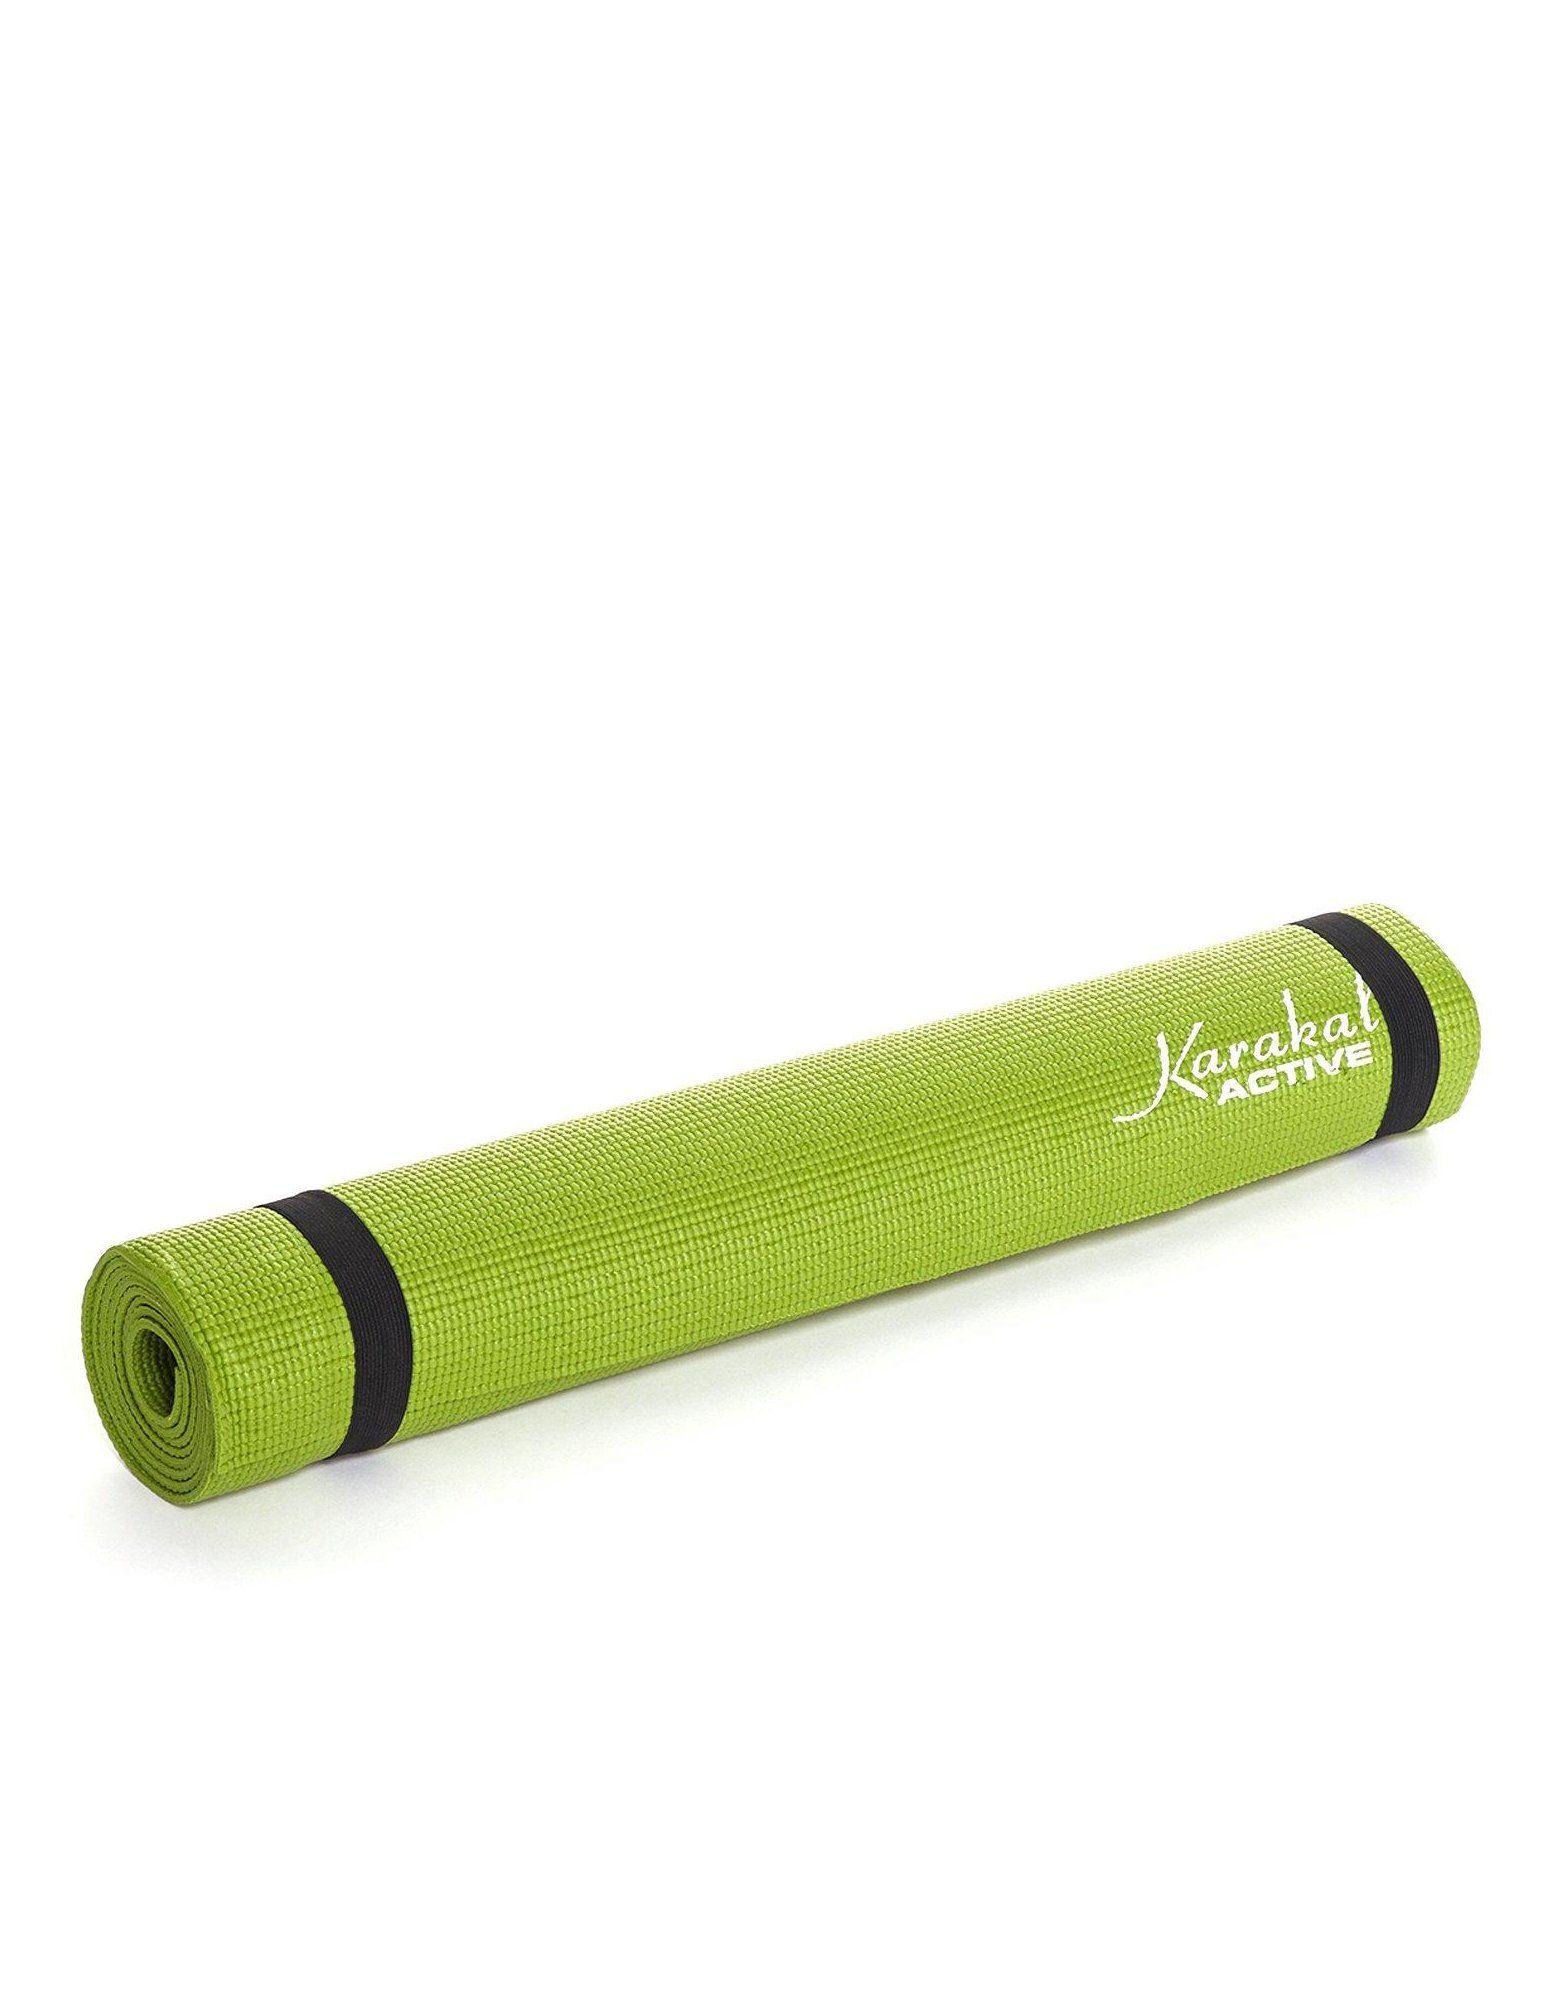 Karakal Yoga Mat